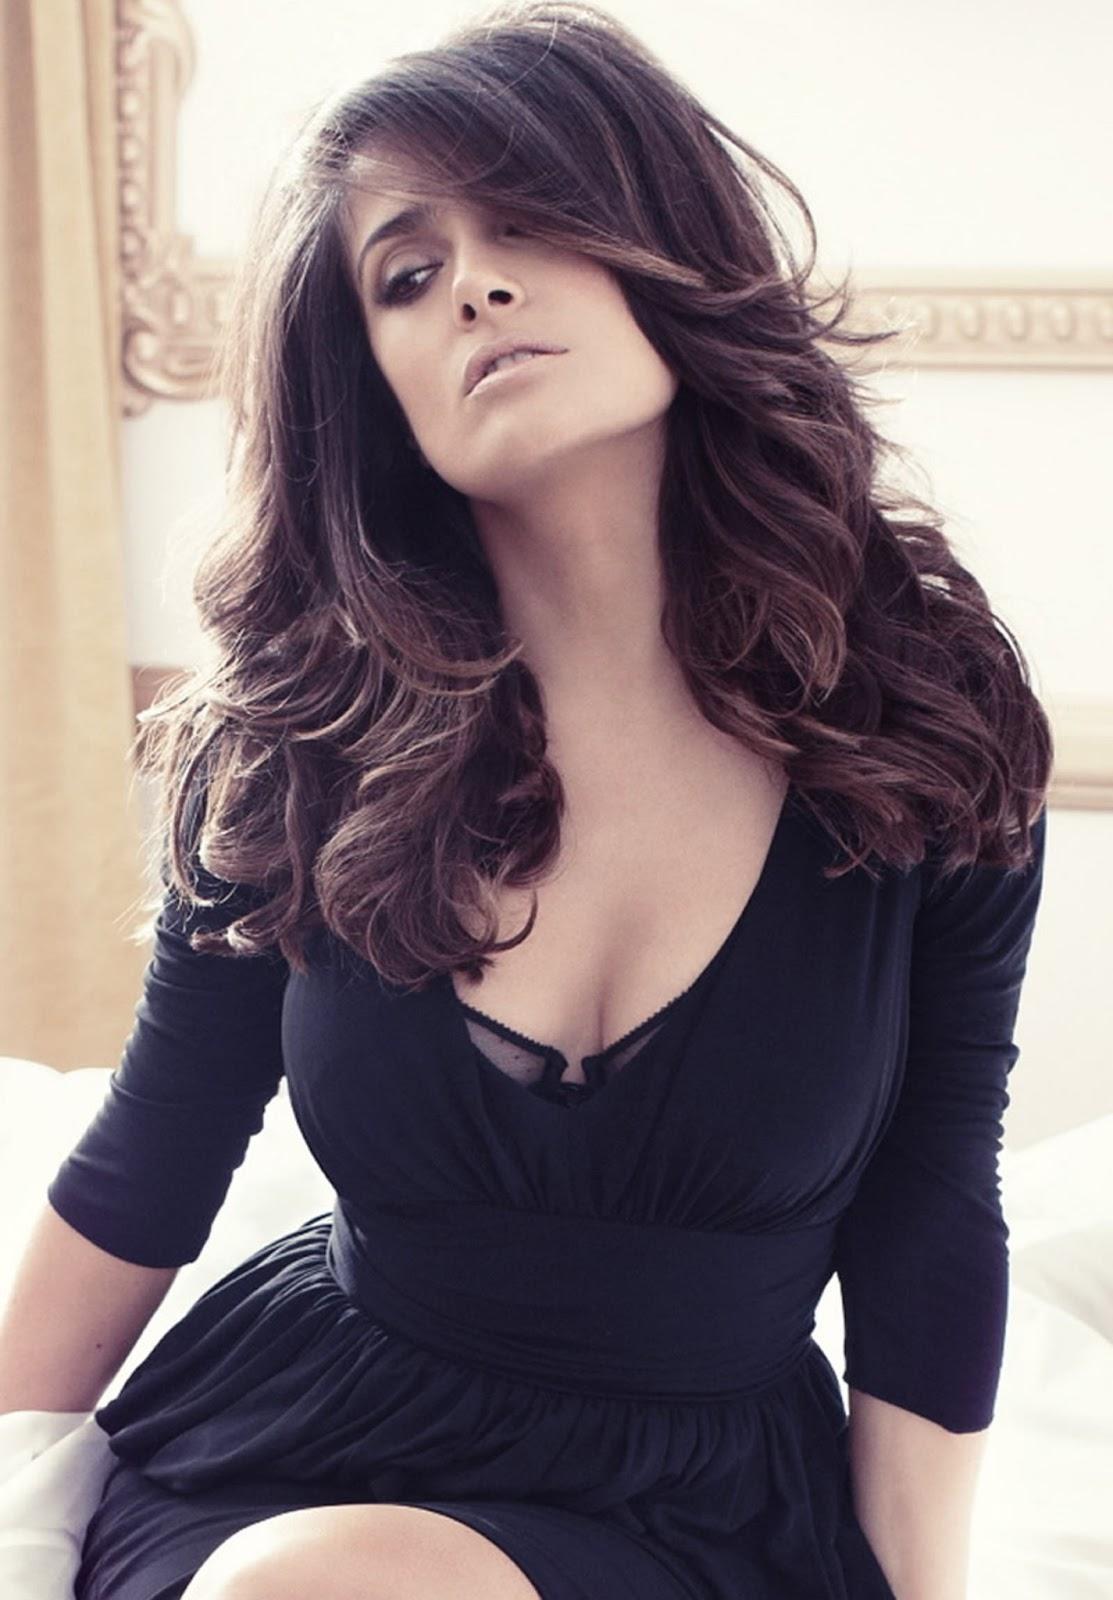 Salma Hayek Hot Salma Hayek Bikini Pics-4214